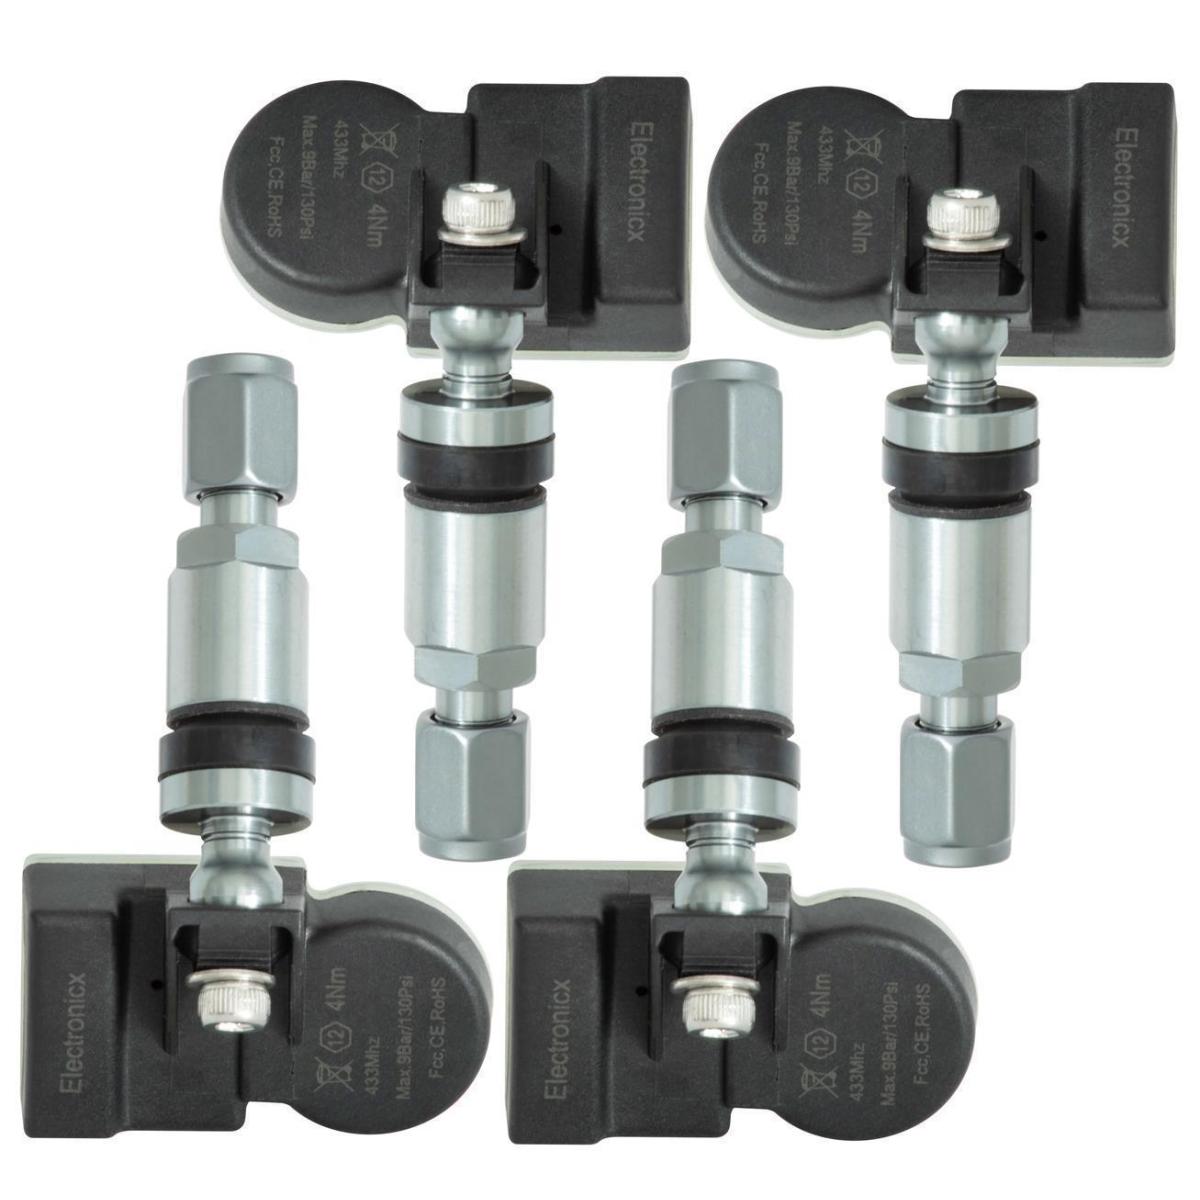 Reifendrucksensoren RDKS Sensoren Metallventil Gunmetal für Land Rover Range Rover Sport Velar